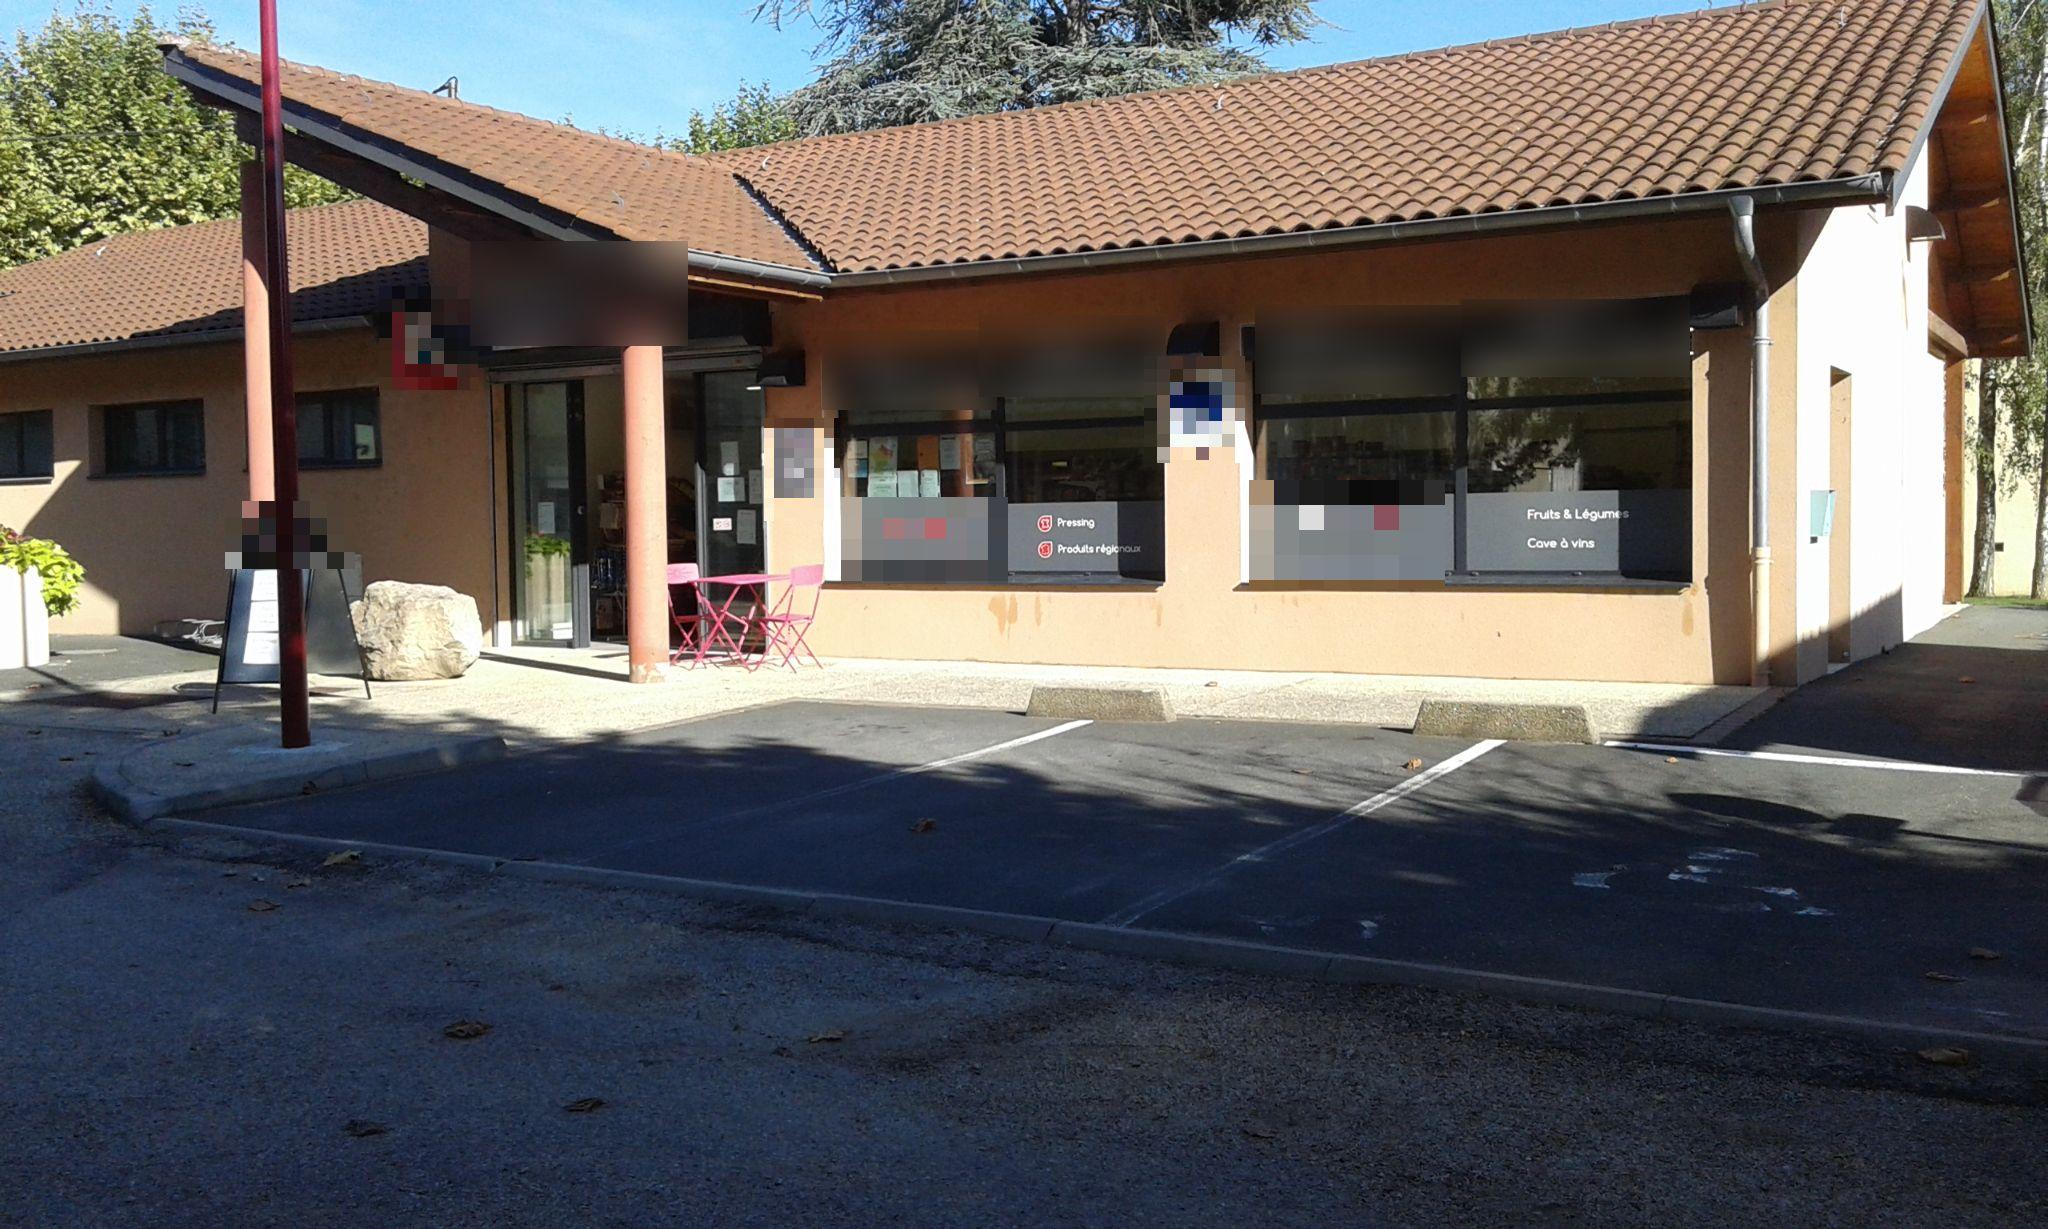 Vente Commerce alimentaire pour une première affaire près de Bourg-en-Bresse (01000)